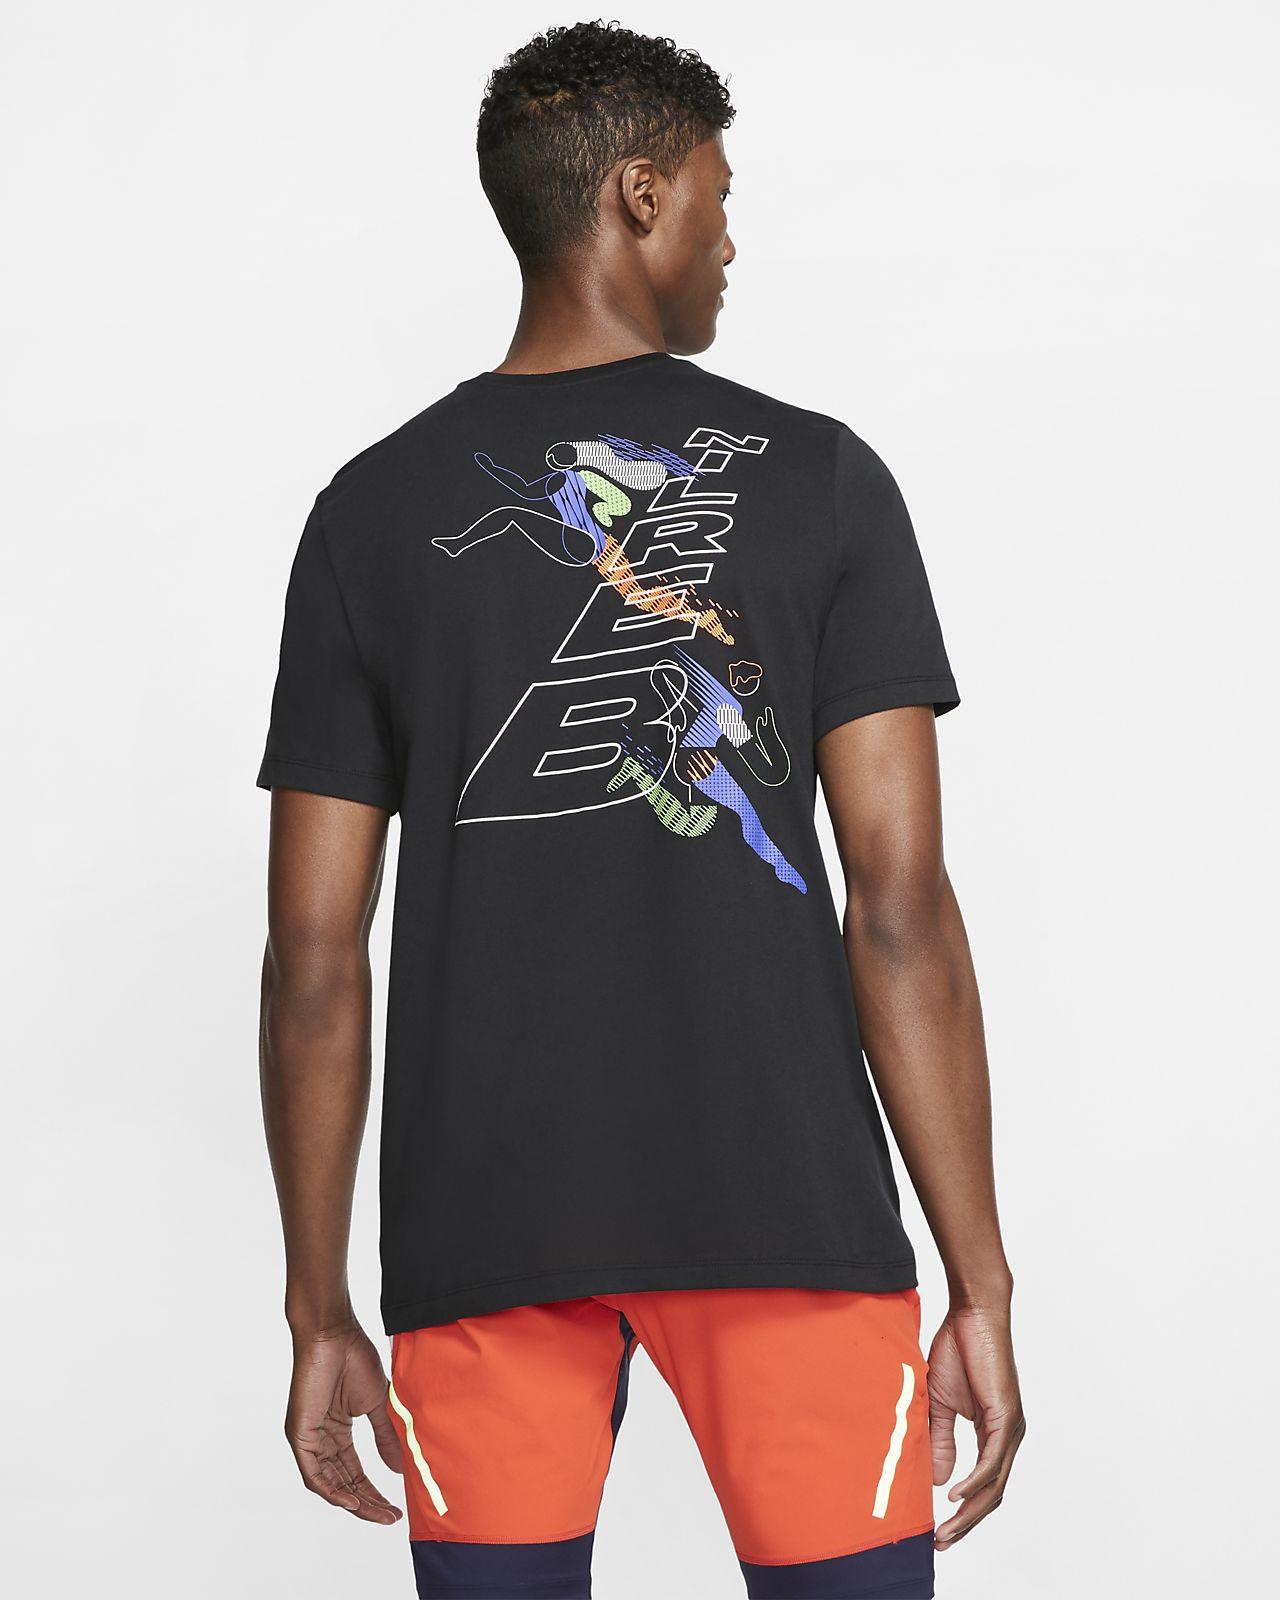 T-shirt de running Nike Dri-FIT Berlin para homem